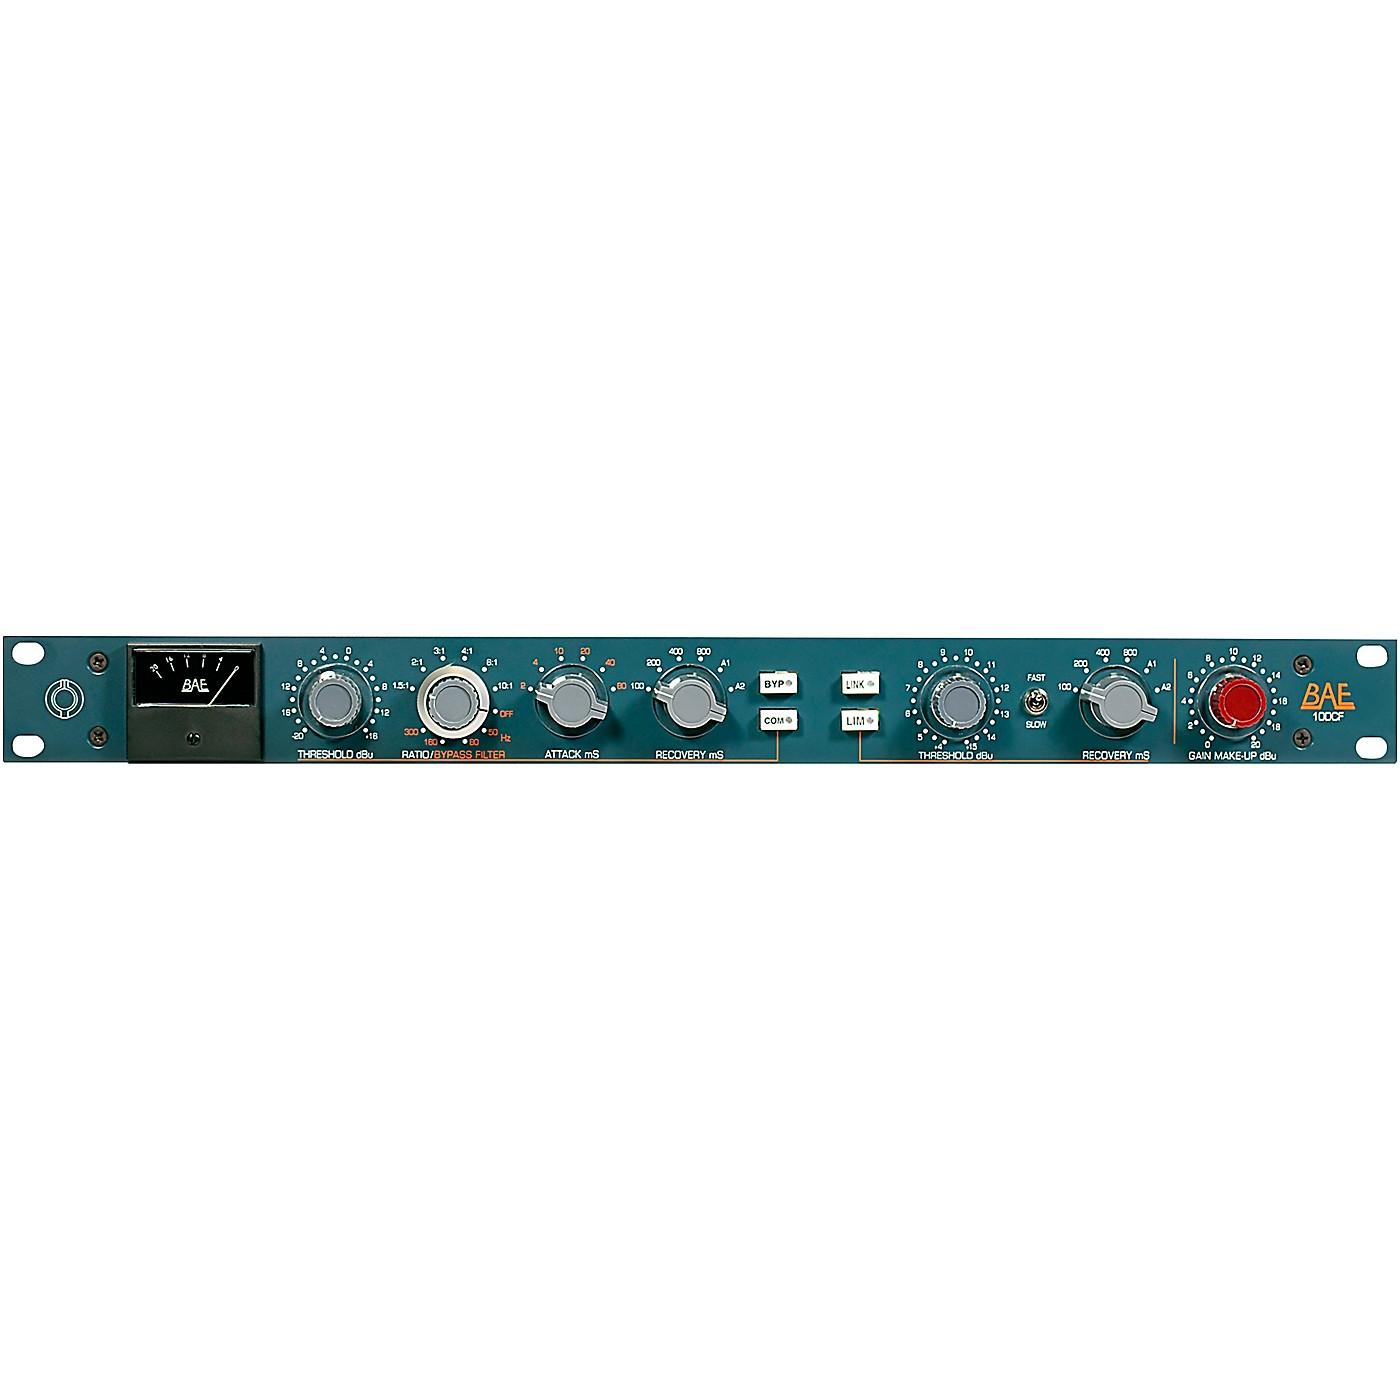 BAE 10DCF Compressor/Limiter thumbnail